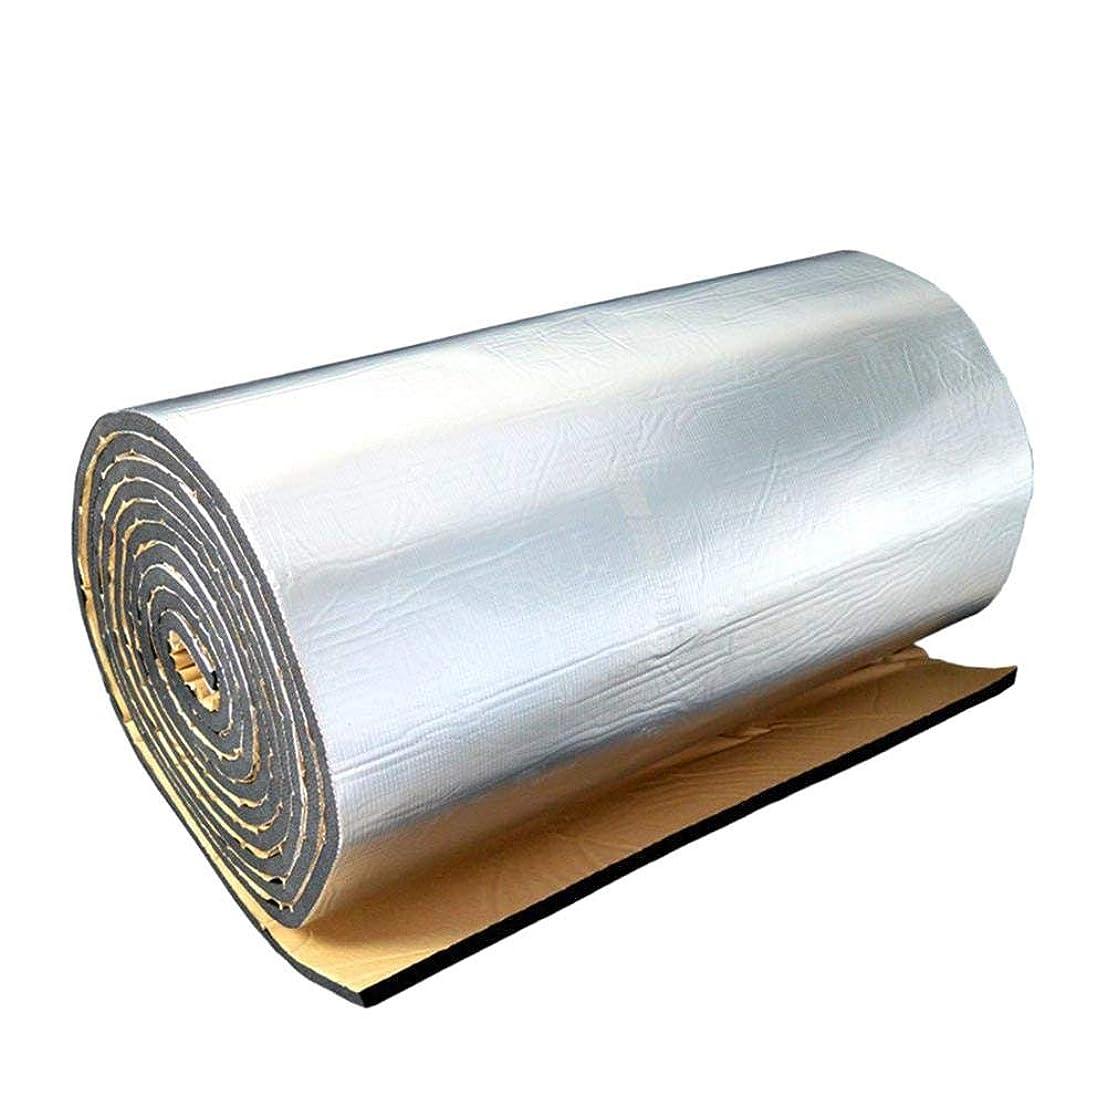 海嶺ユーモア上陸アオハウオ(AWHAO) 10MM 遮音パッド 防音壁 吸音材 遮音シート アルミフィルム 防水耐湿傷性低 消費電力マット 防音,吸音材マット